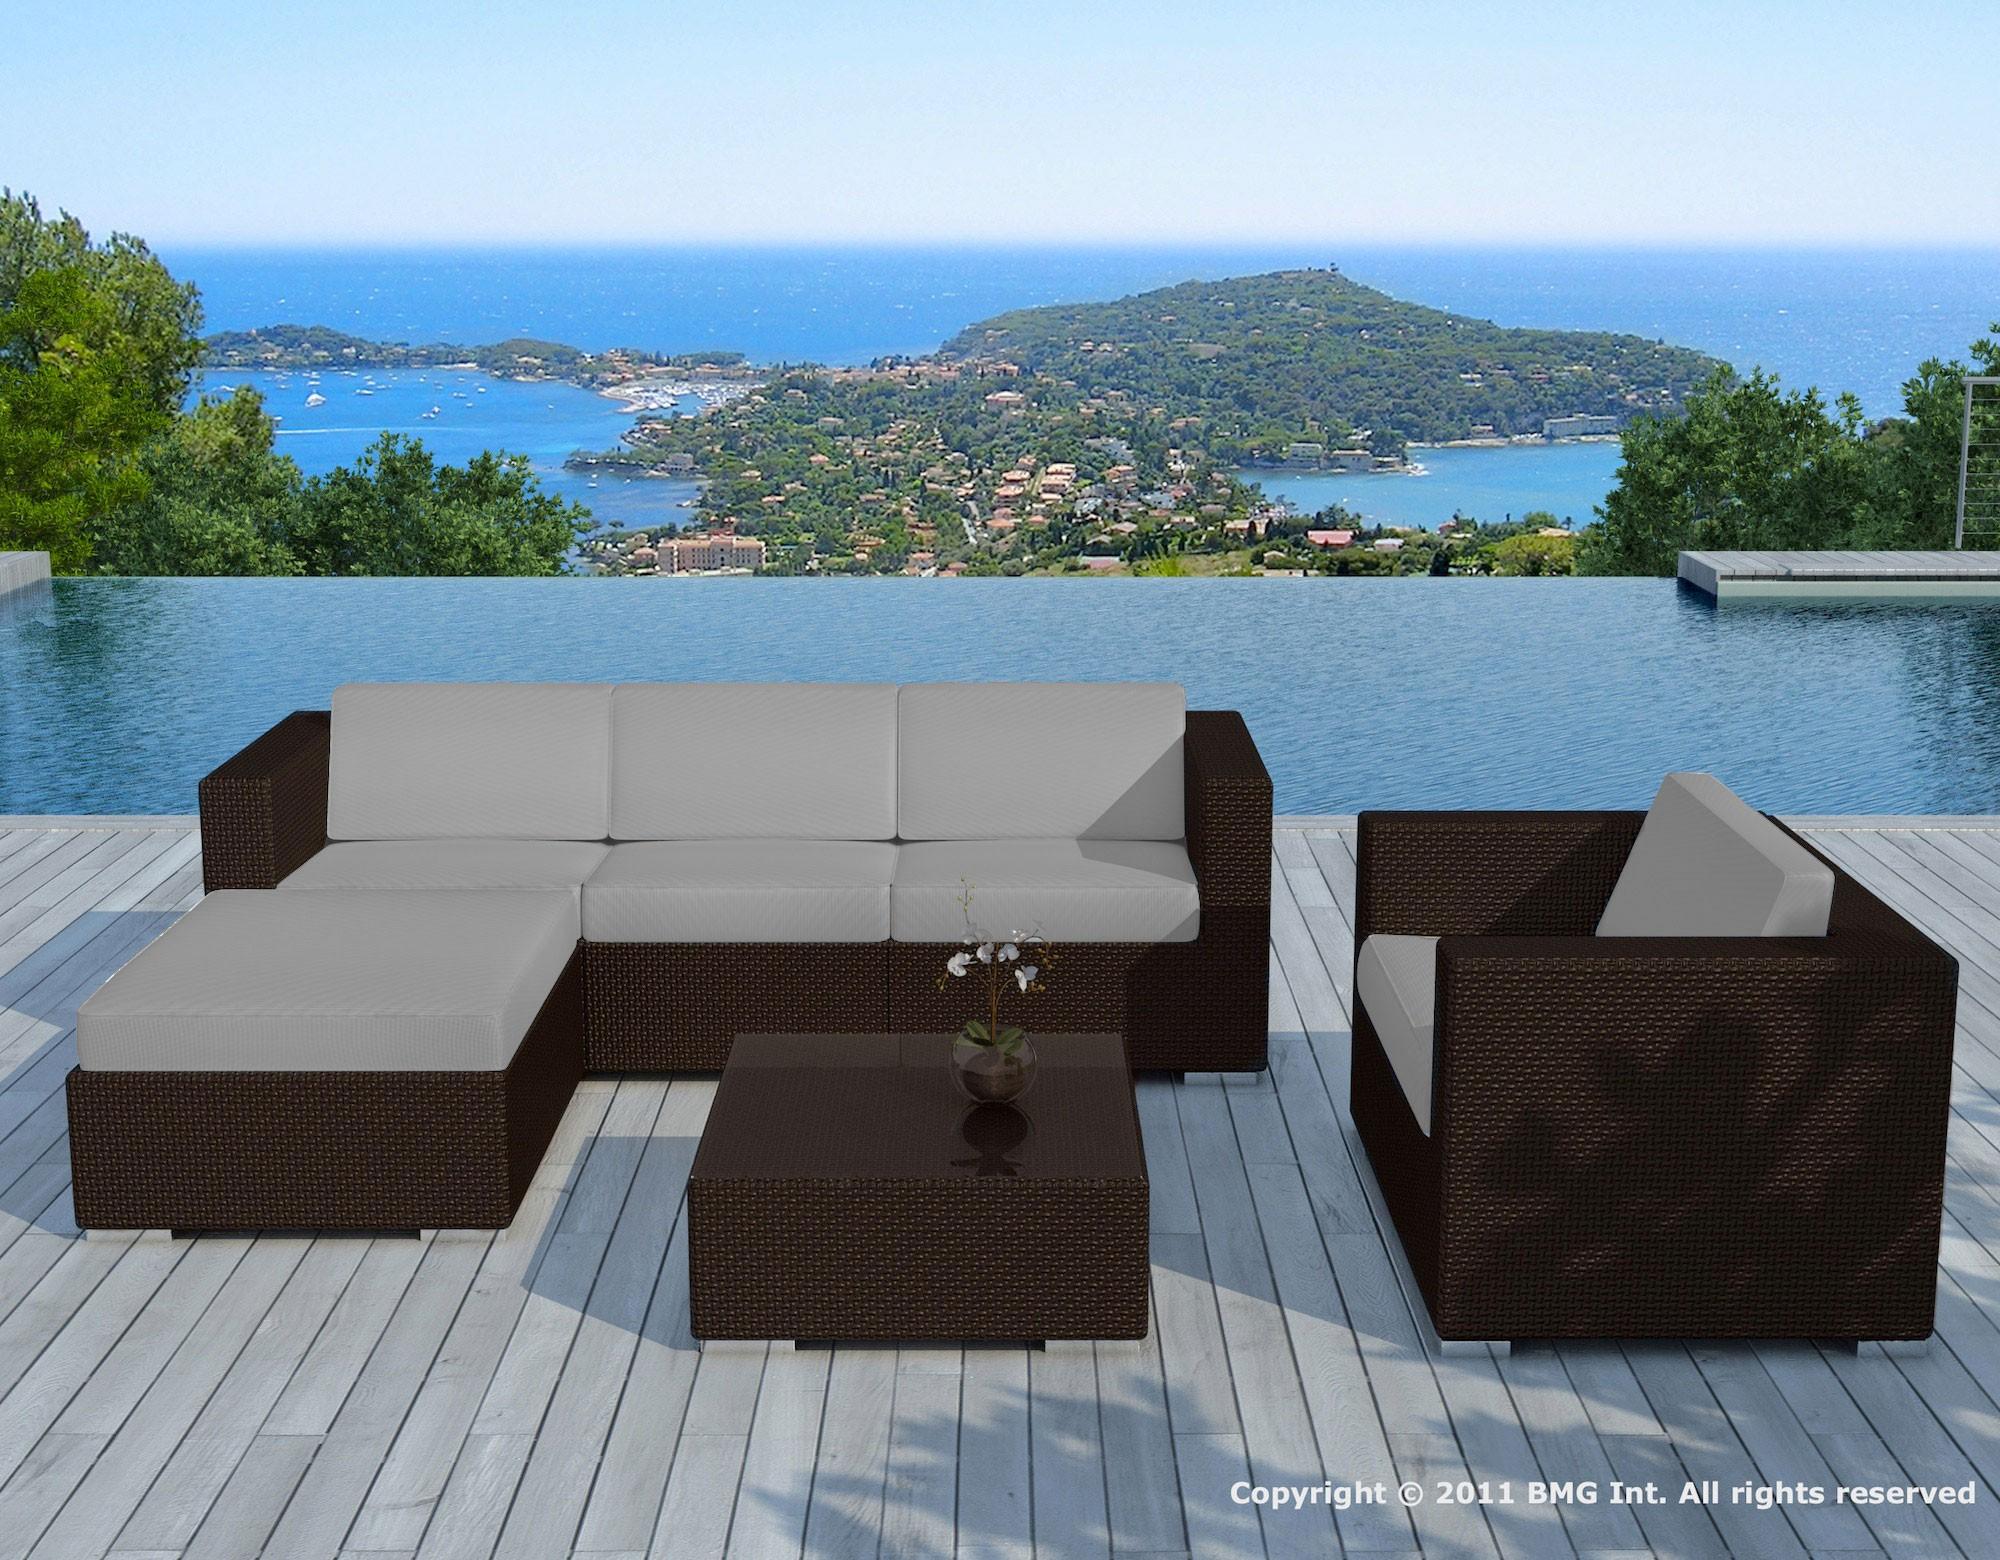 Salon De Jardin Resine Chocolat/gris - Copacabana - Delorm Design tout Salon De Jardin Resine Gris